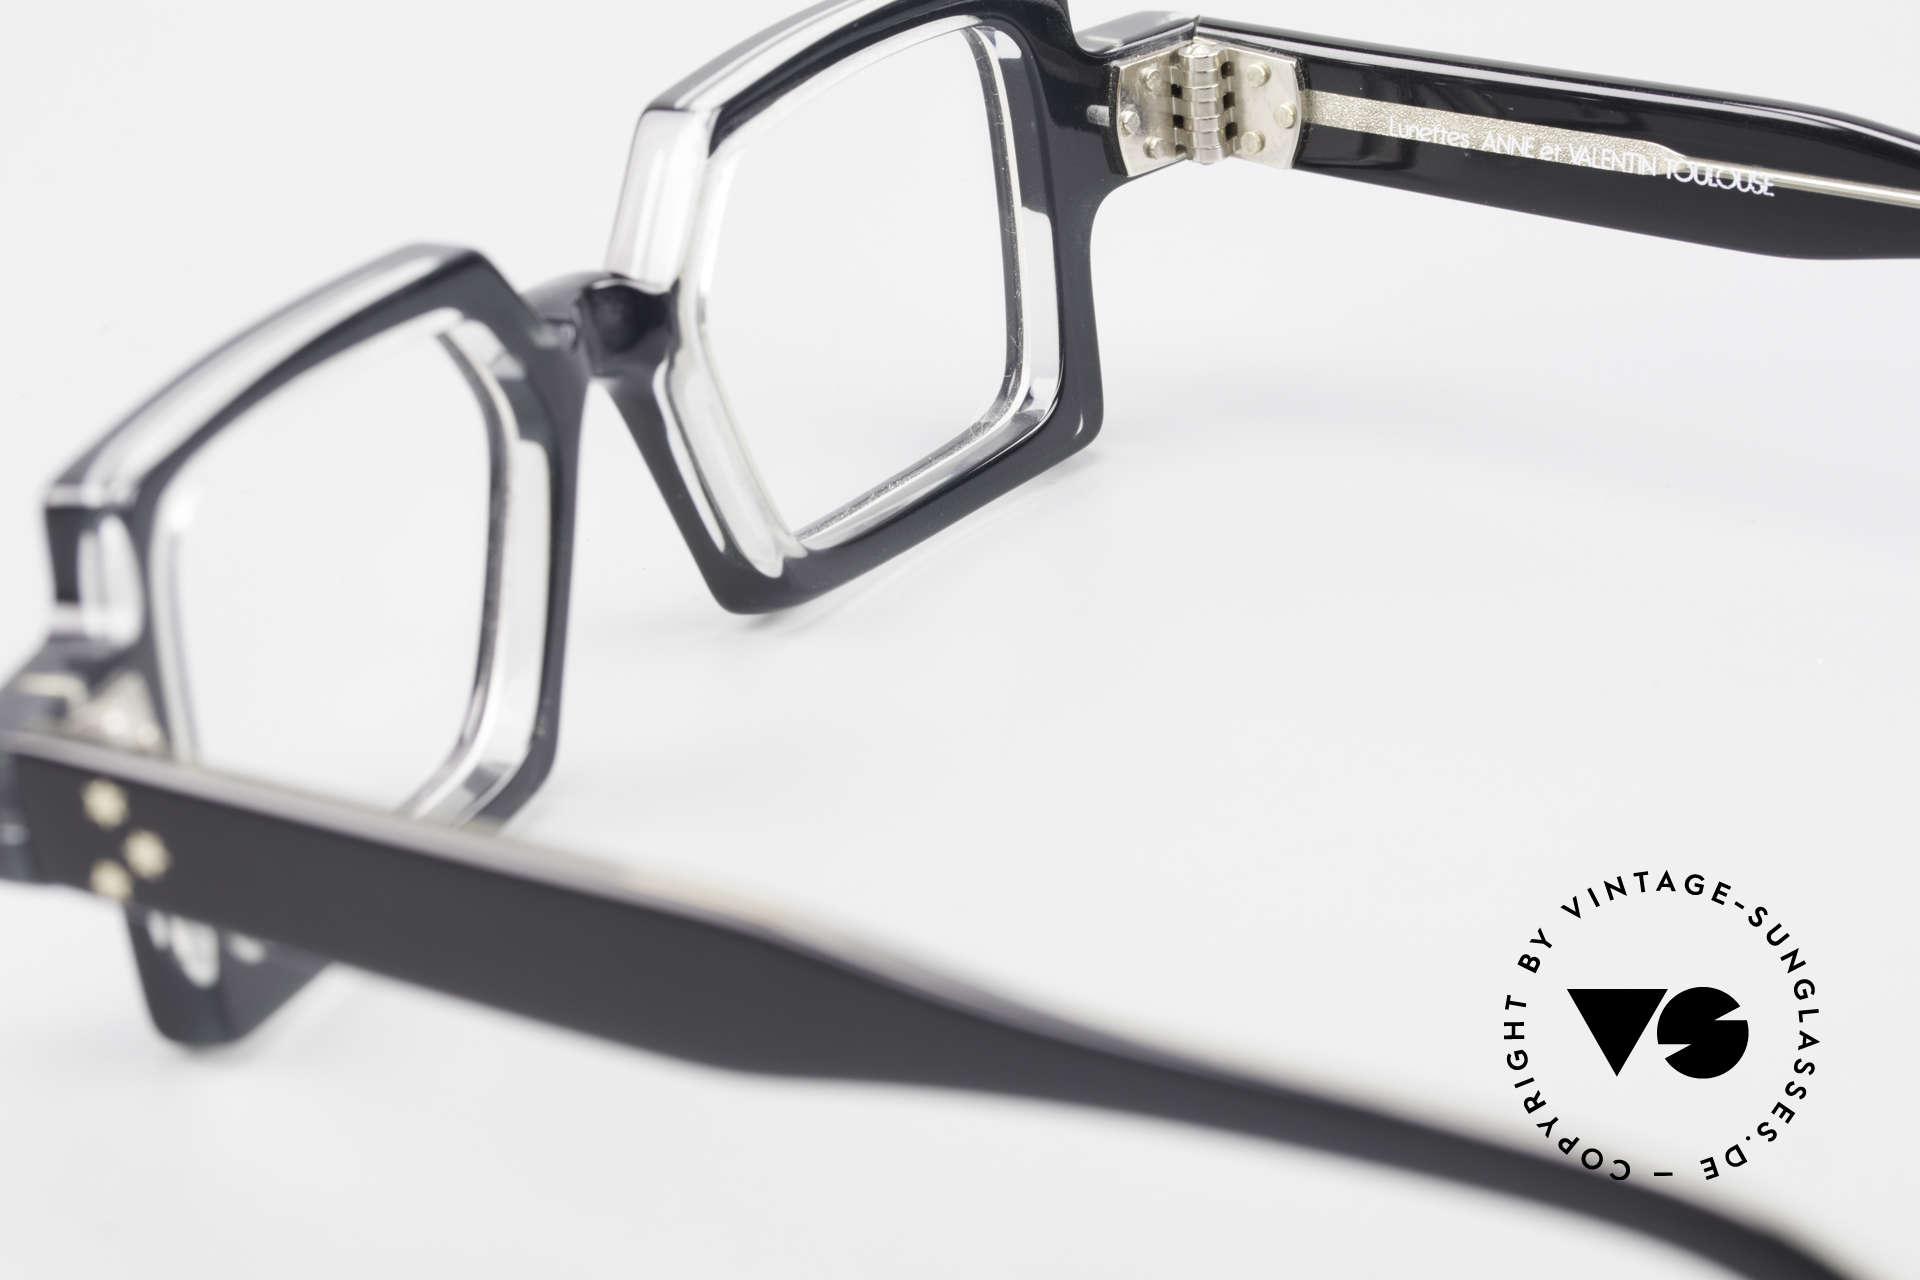 Anne Et Valentin Chico Alte 80er Brille Eckig Markant, ungetragenes Einzelstück aus den 80ern (mit orig. Etui), Passend für Herren und Damen